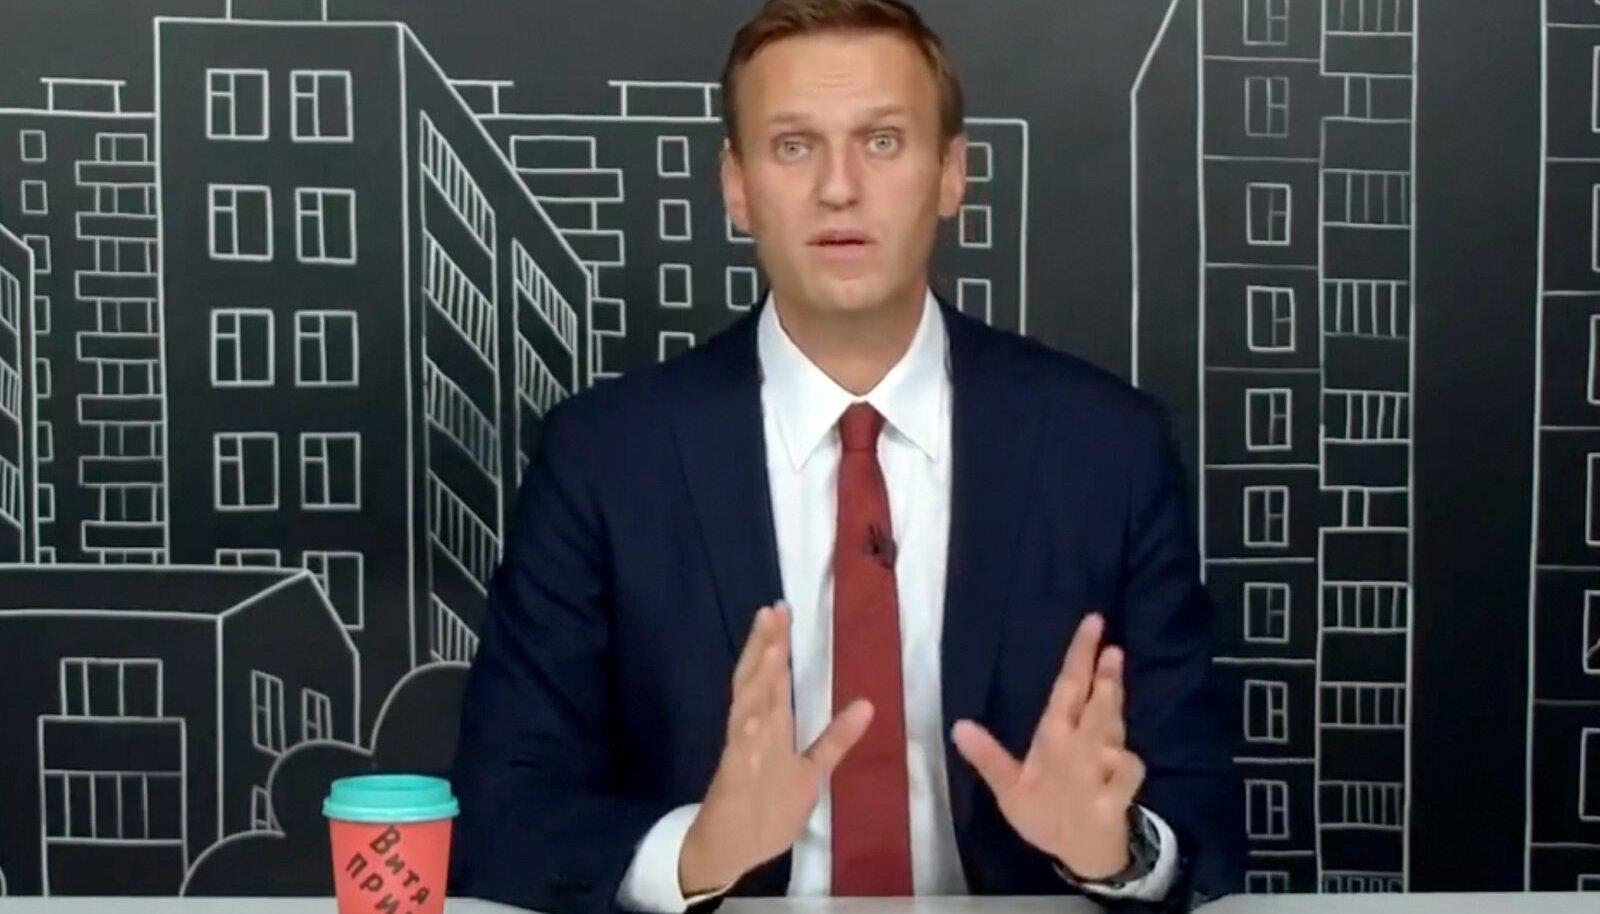 Navalnõi fondi videod on alati kvaliteetselt produtseeritud, vaatajasõbralikud ja satiirist nõretavad.